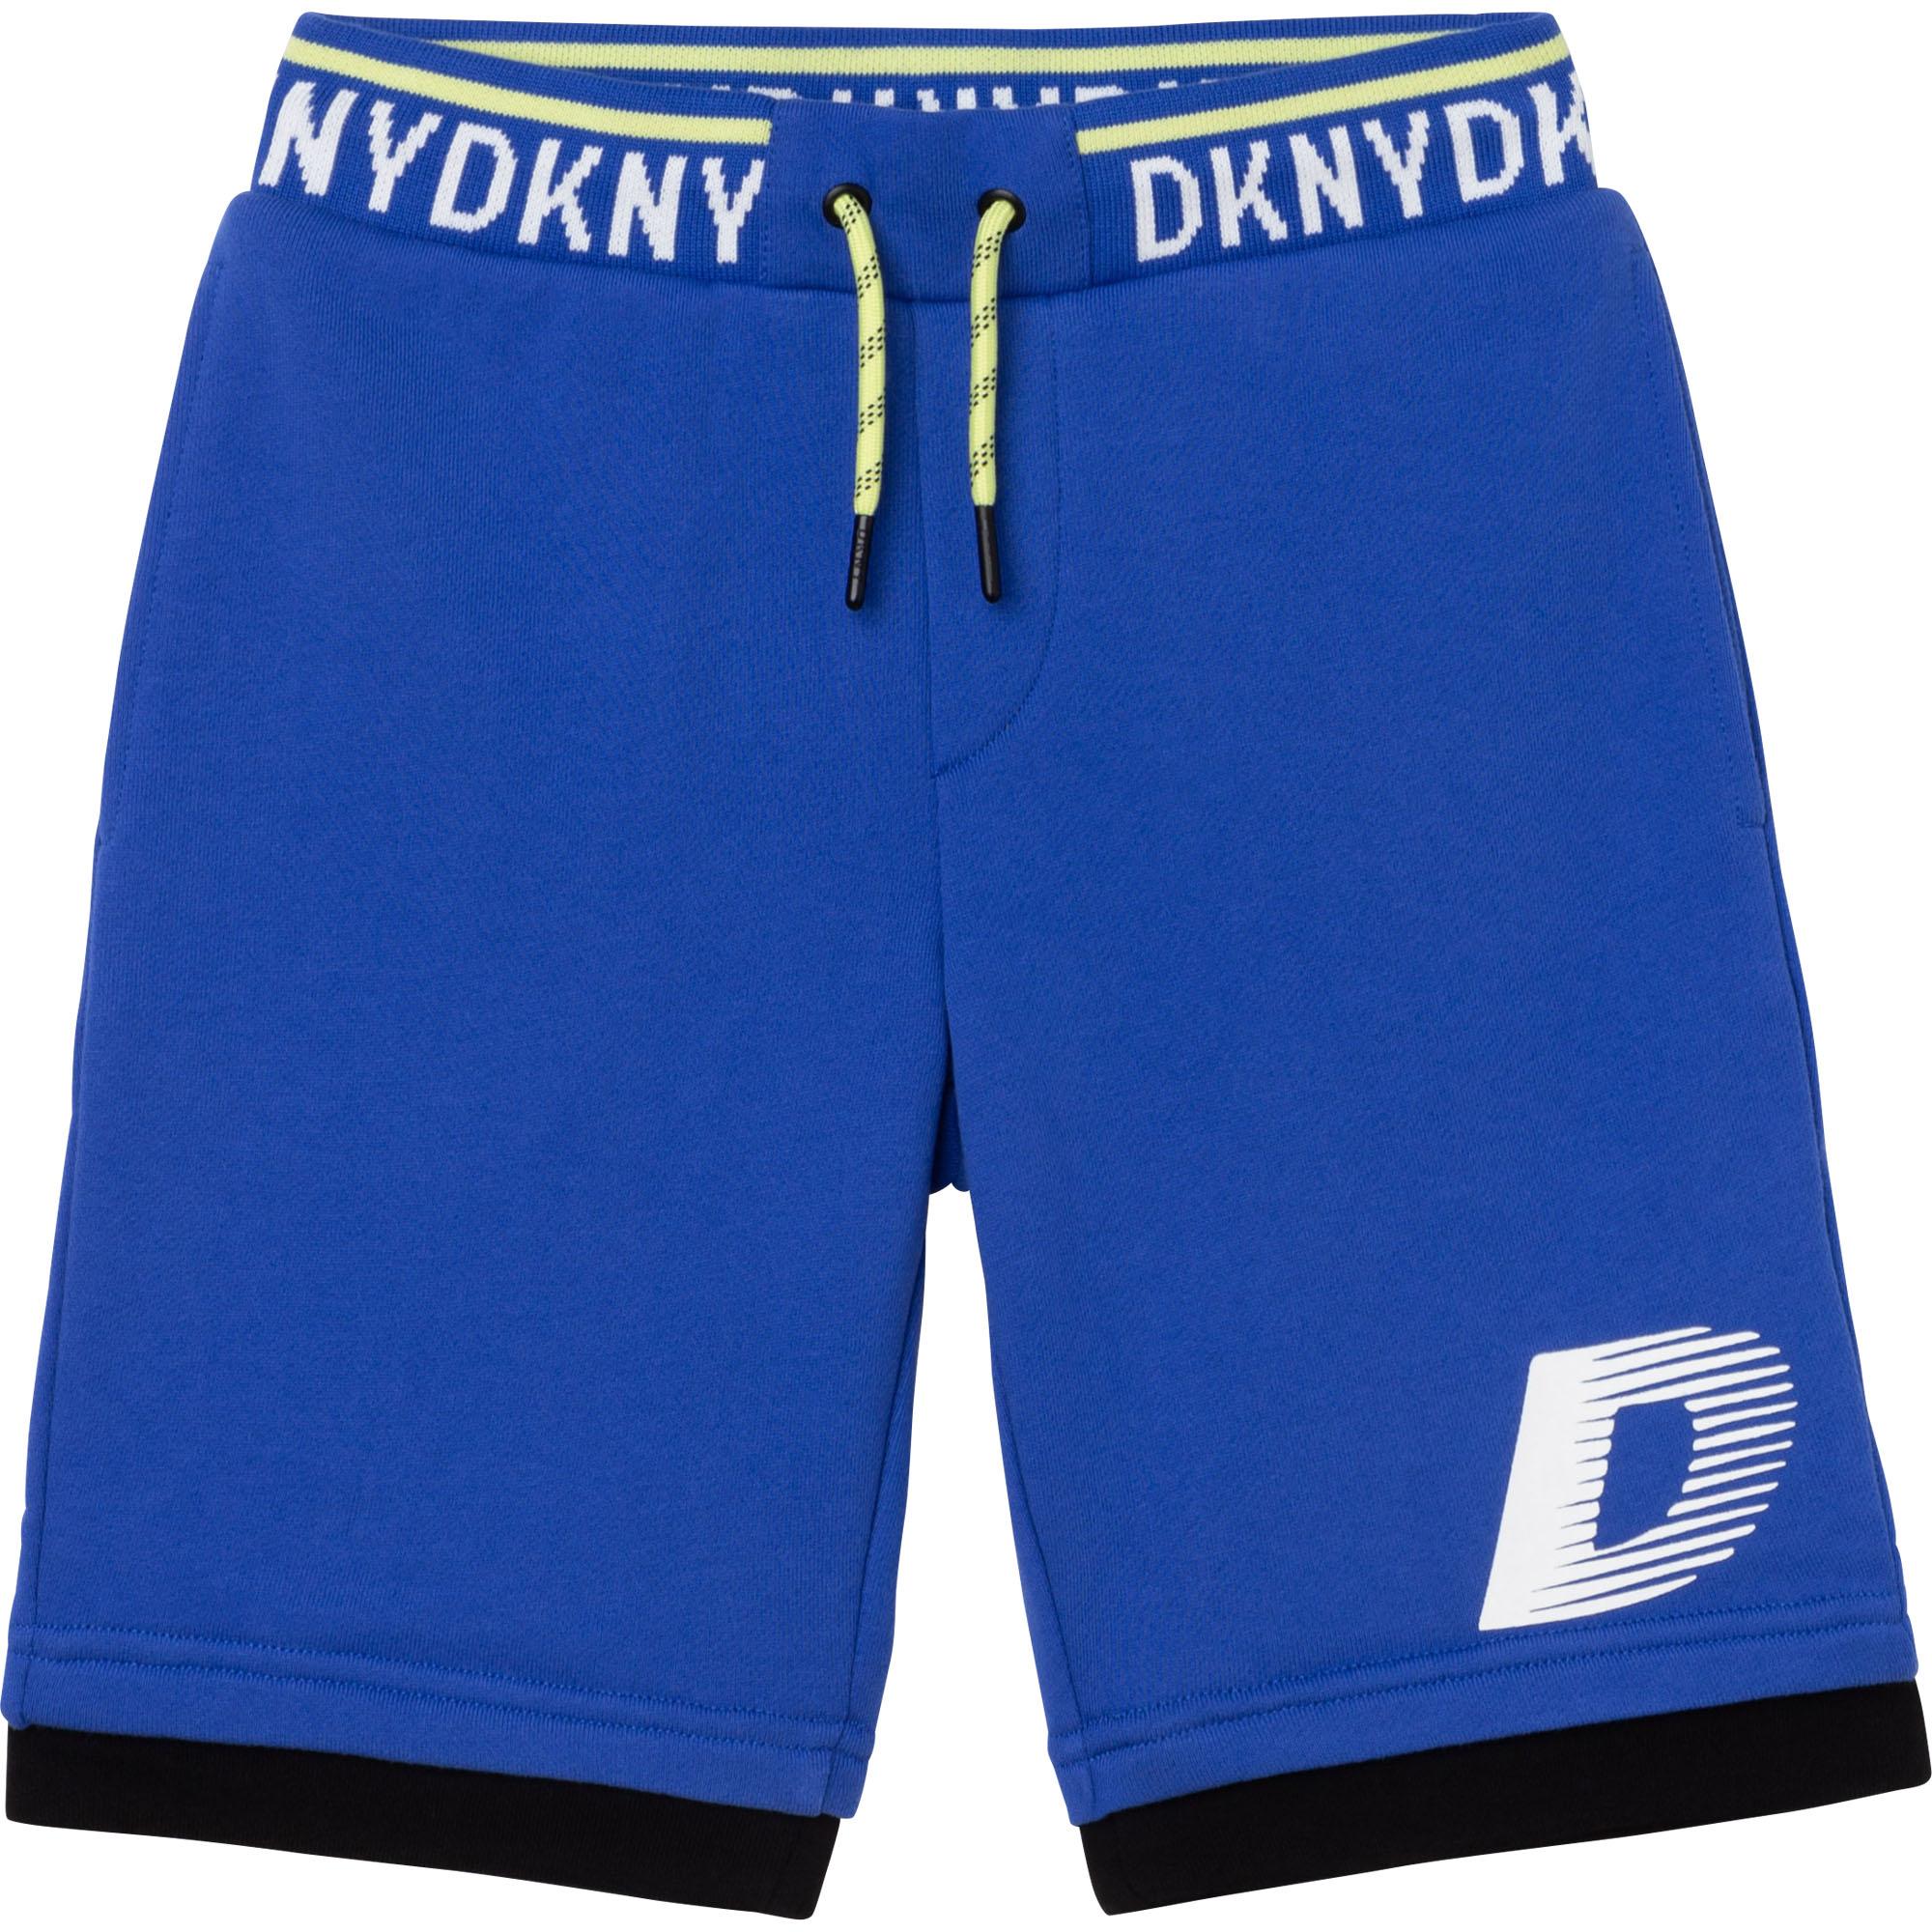 BERMUDA DKNY pour GARCON